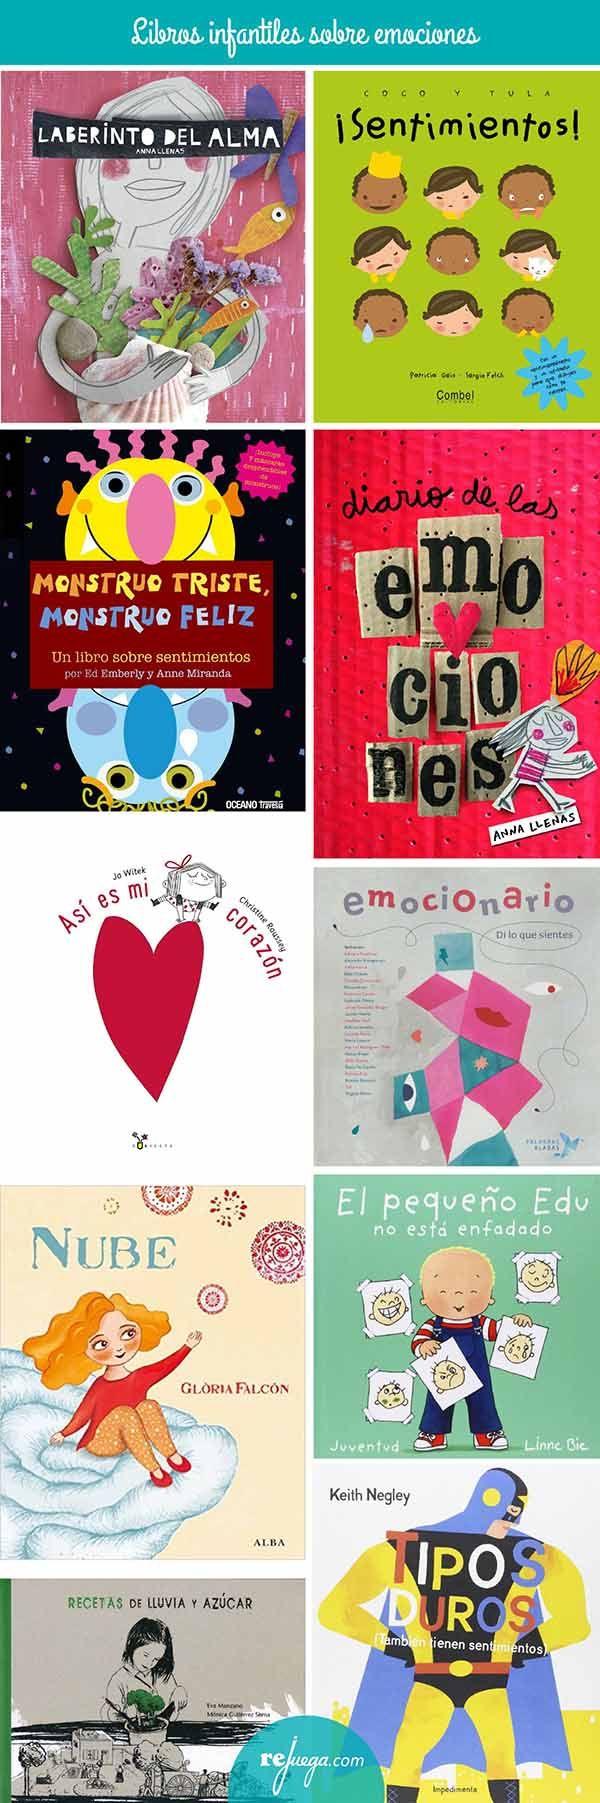 libros para niños sobre emociones